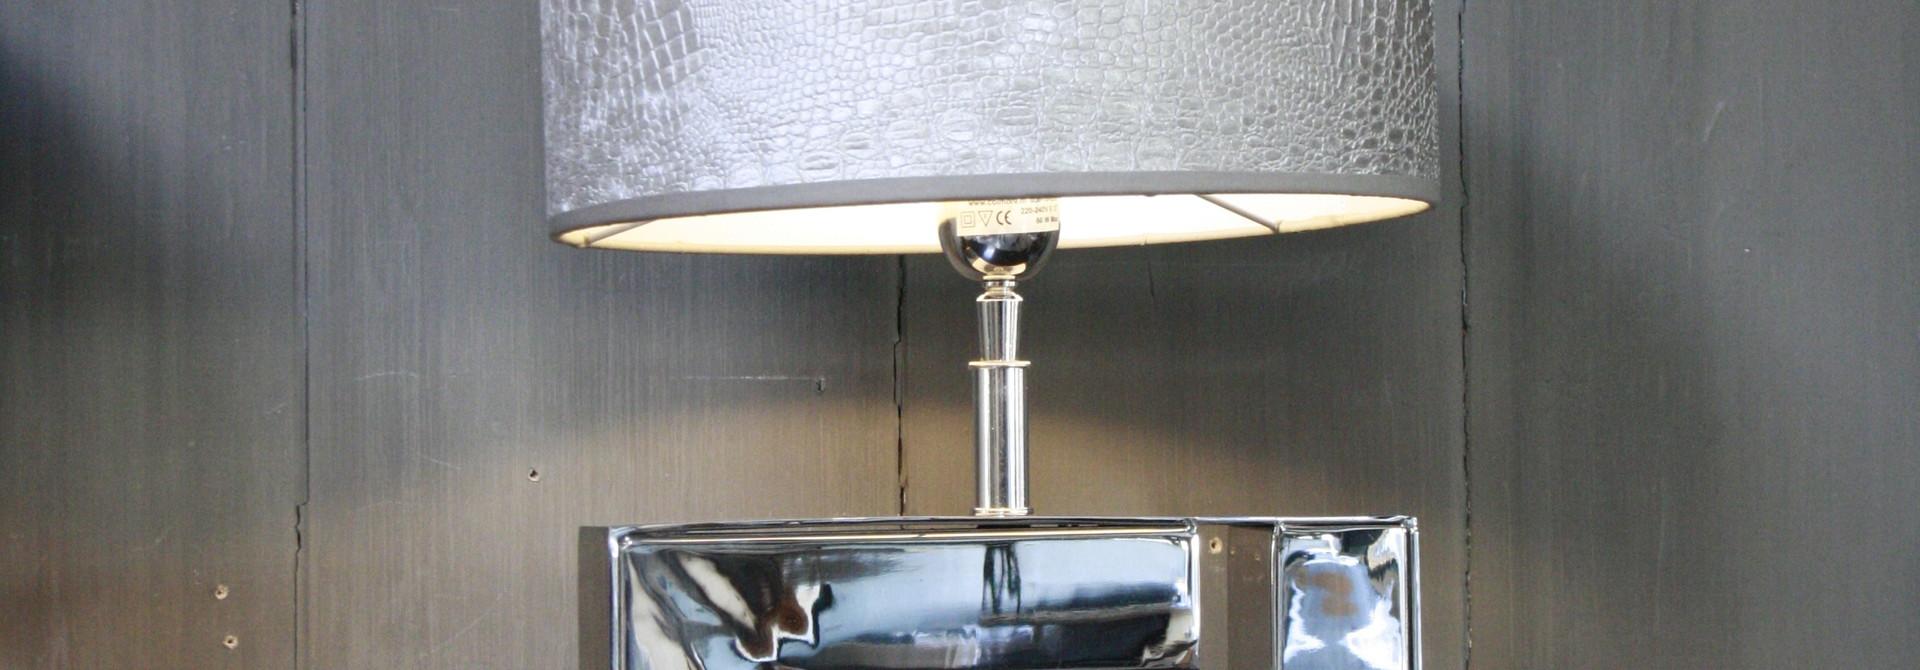 Tafellamp Vierkant Zilver +  Chelsea Velours kap Eric Kuster